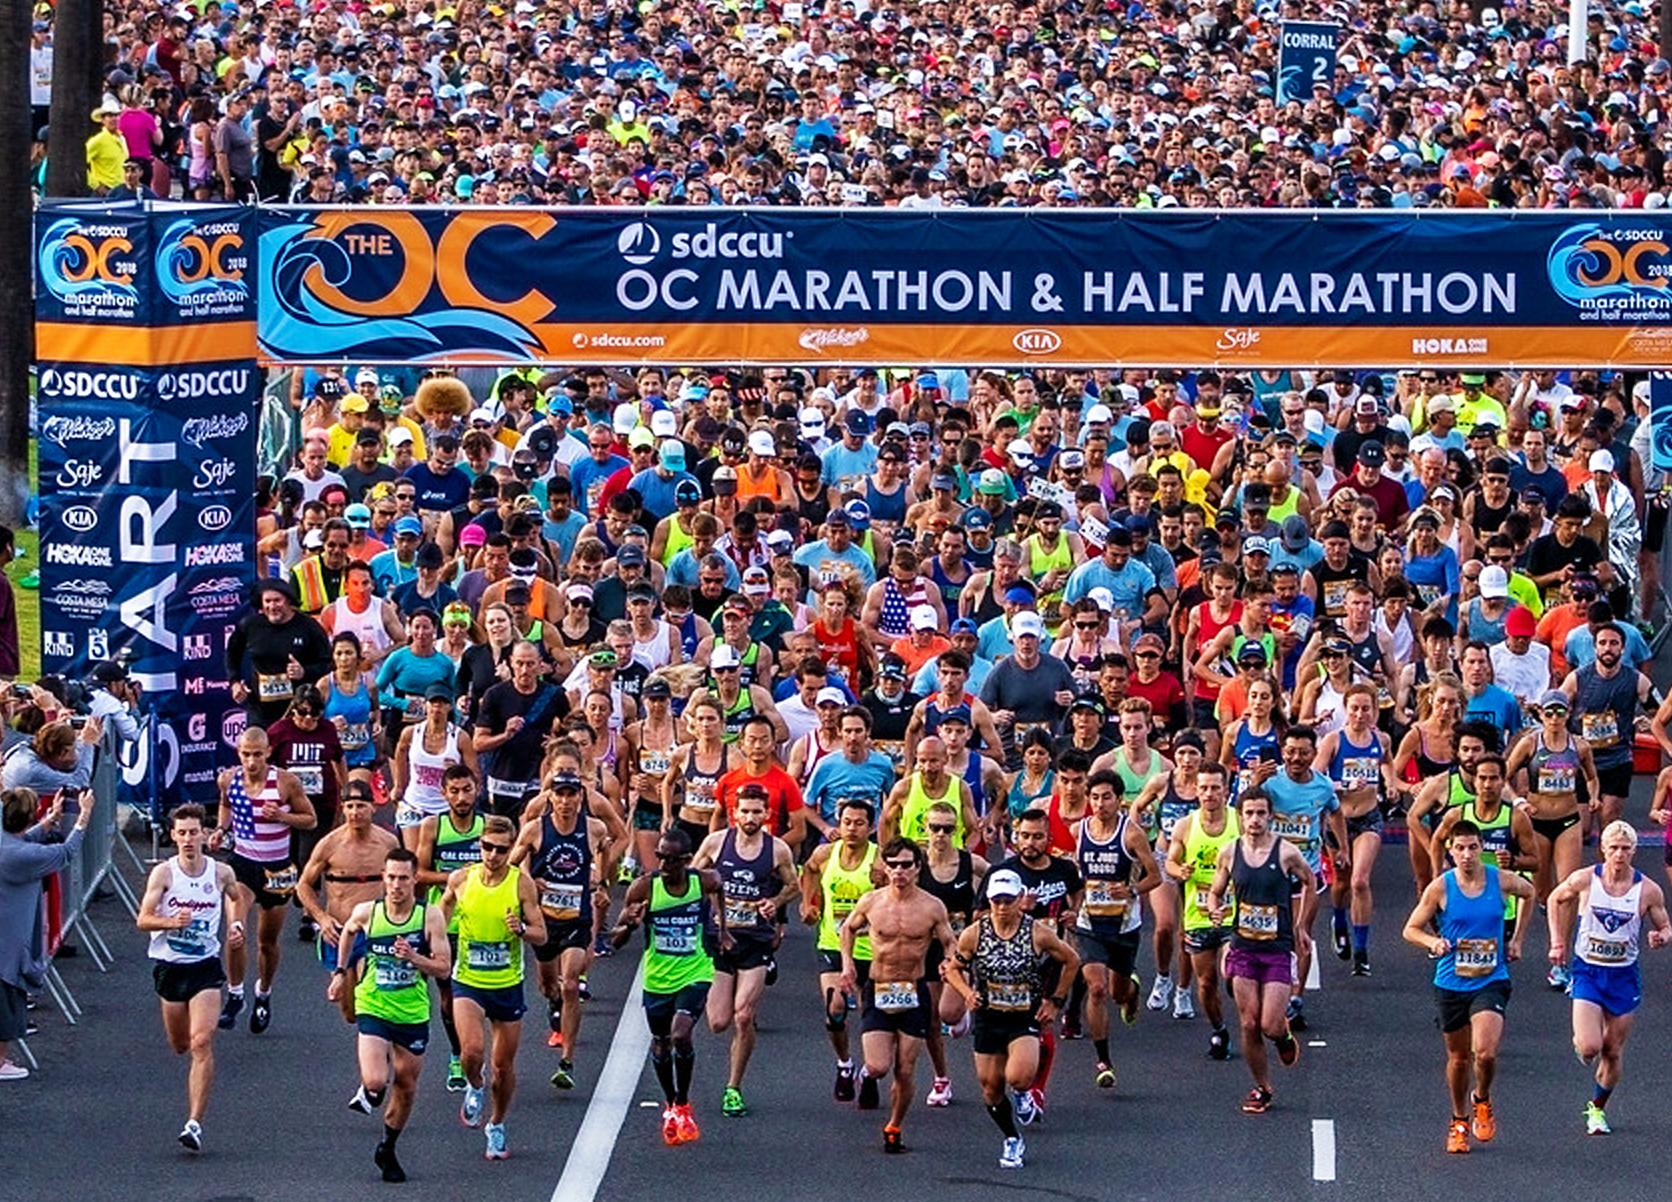 SDCCU OC Marathon